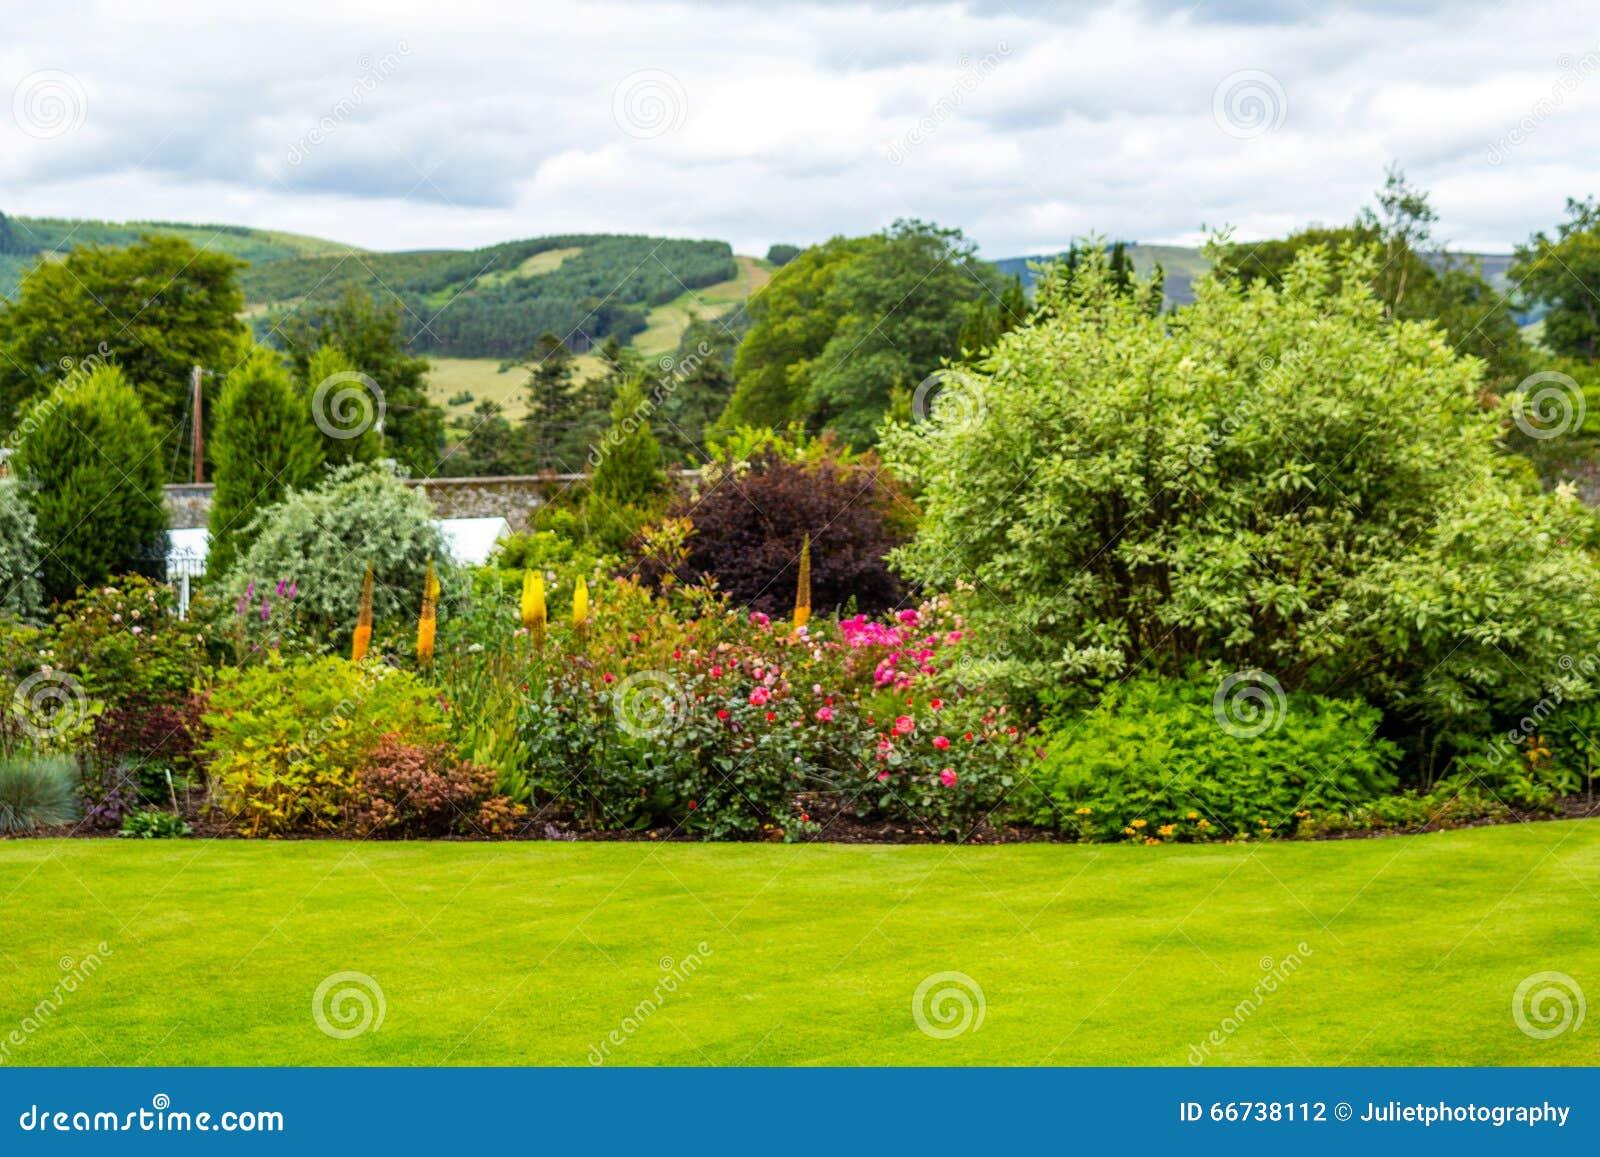 Best variete de fleurs de jardin images for Beaux arbres de jardin